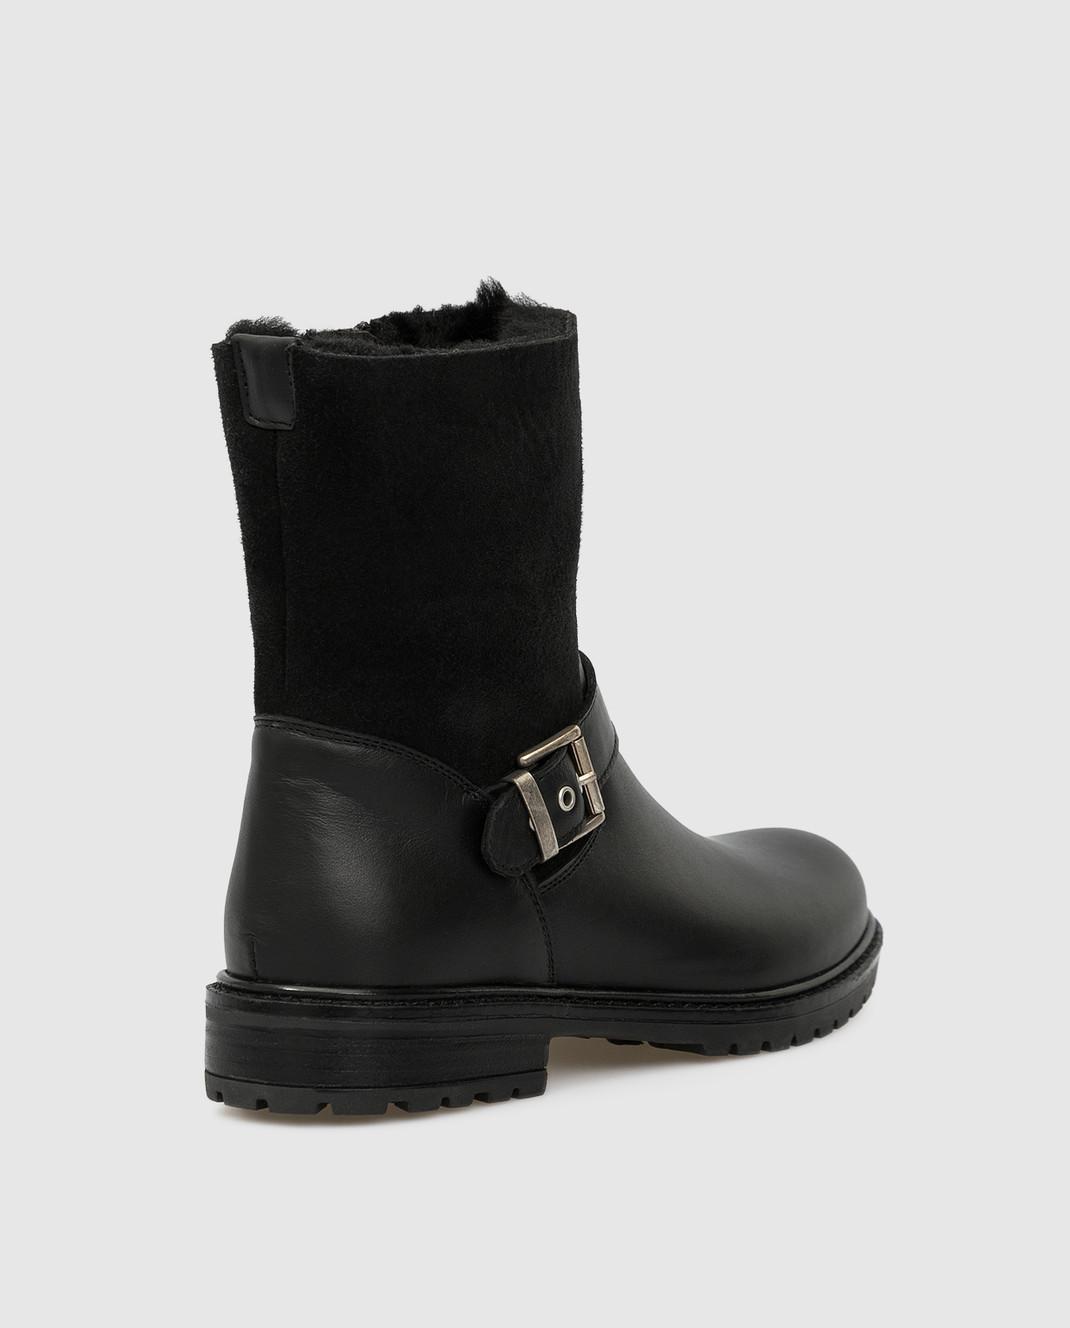 Zecchino D'oro Детские черные сапоги F0242563032 изображение 3